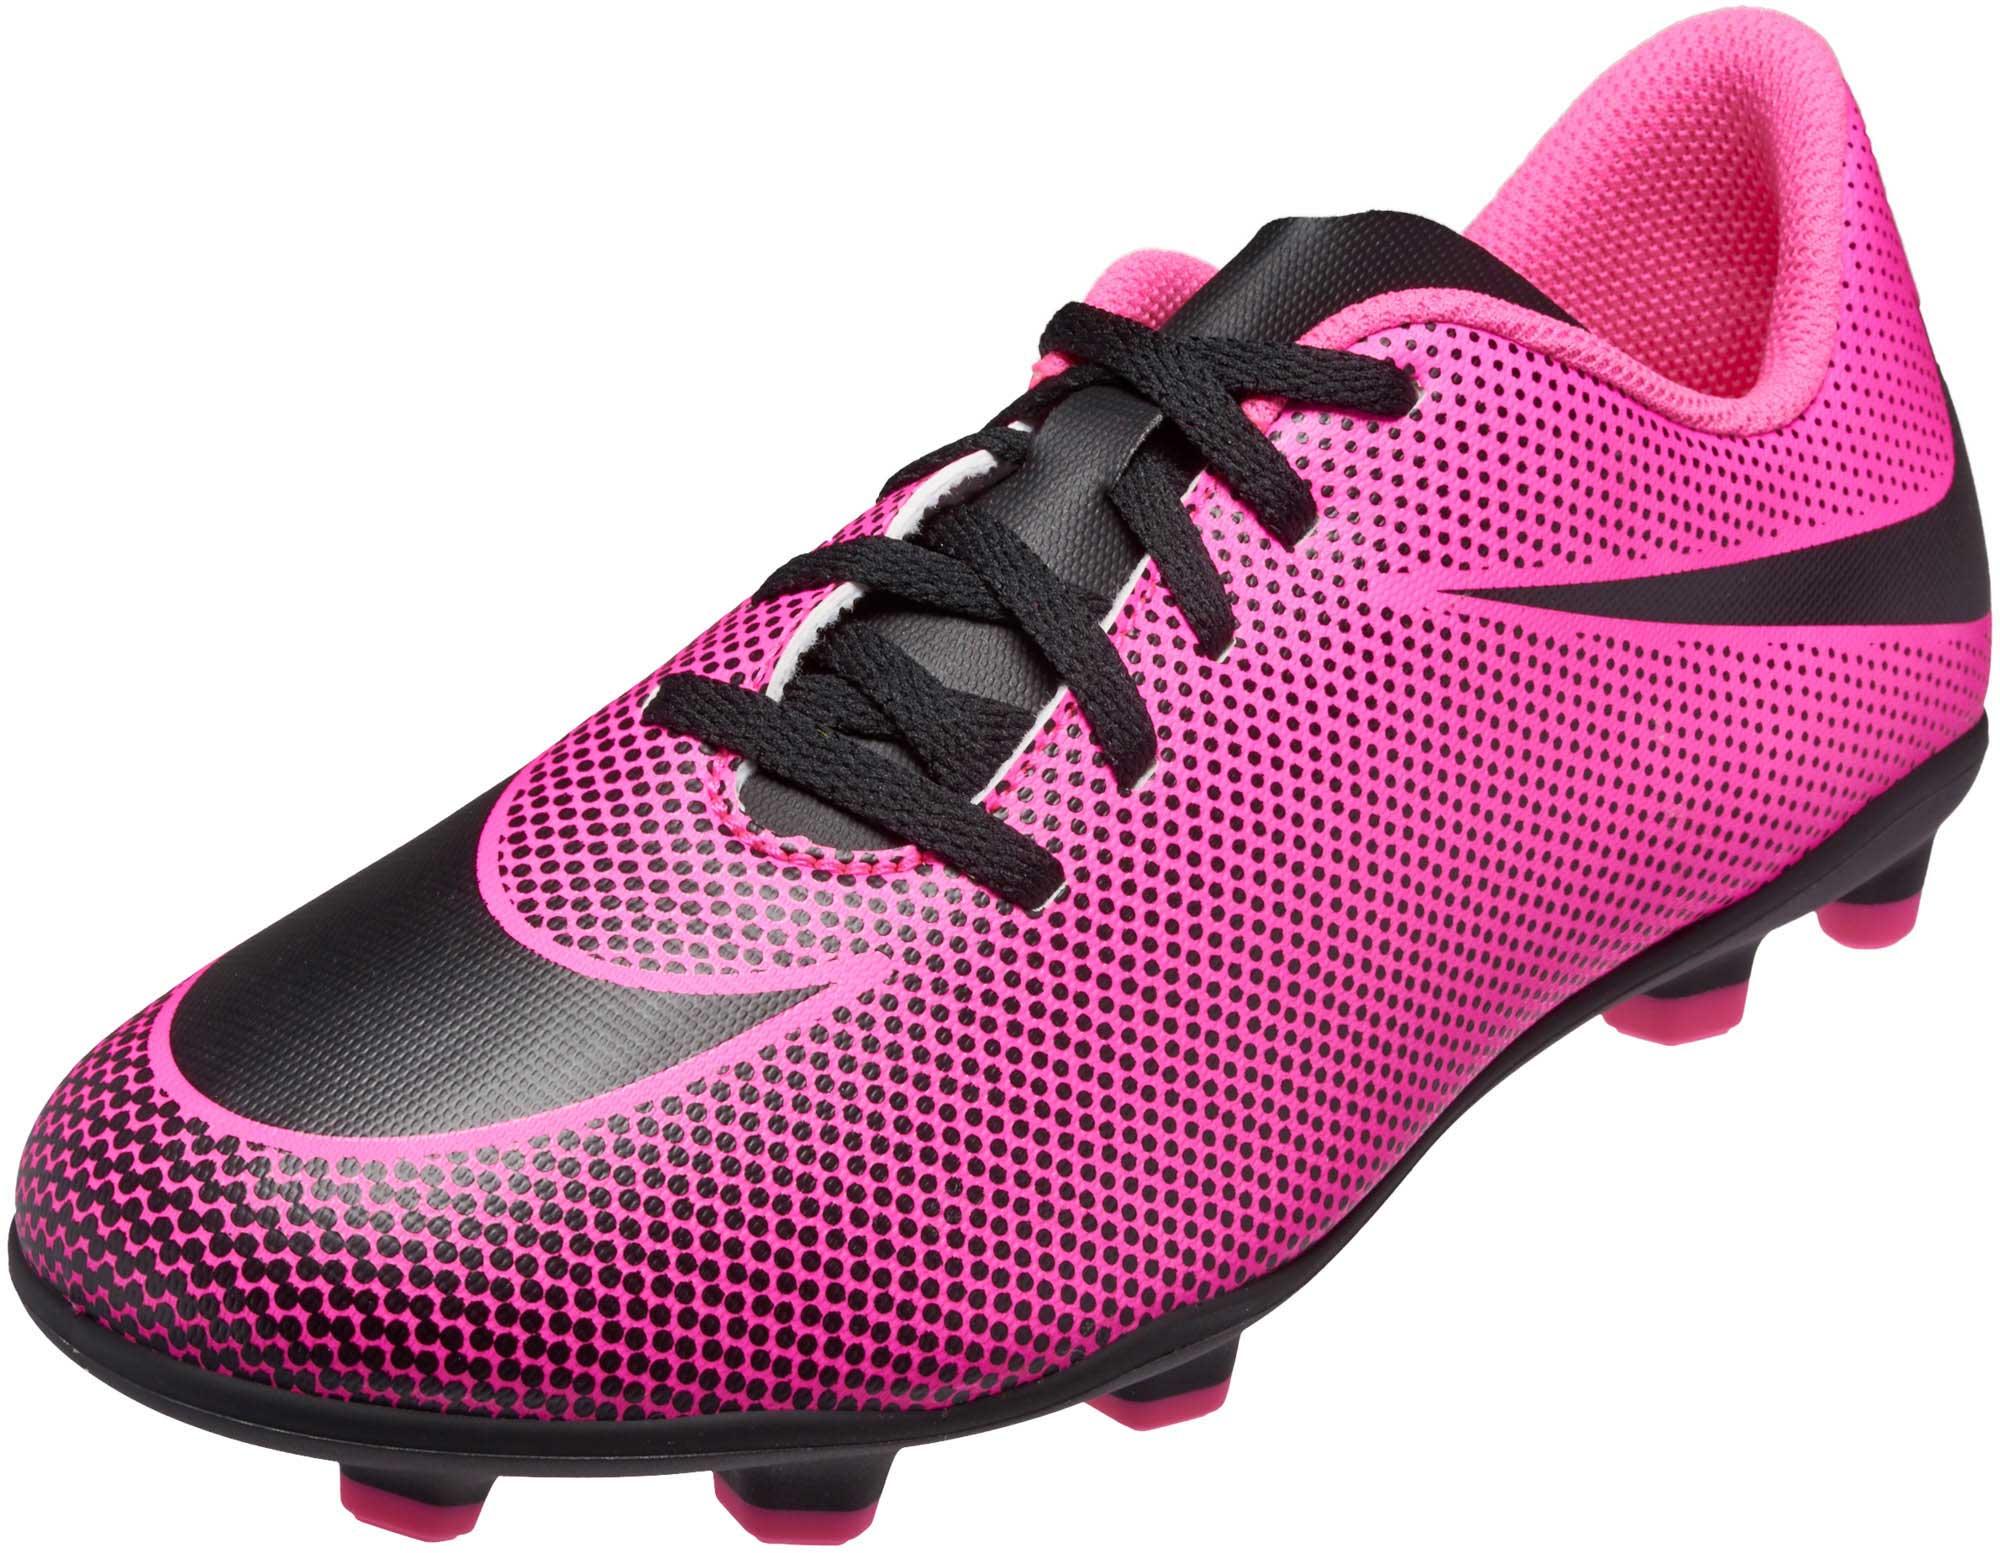 50c909eb Nike Kids Bravata II FG - Pink Bravata Soccer Shoes